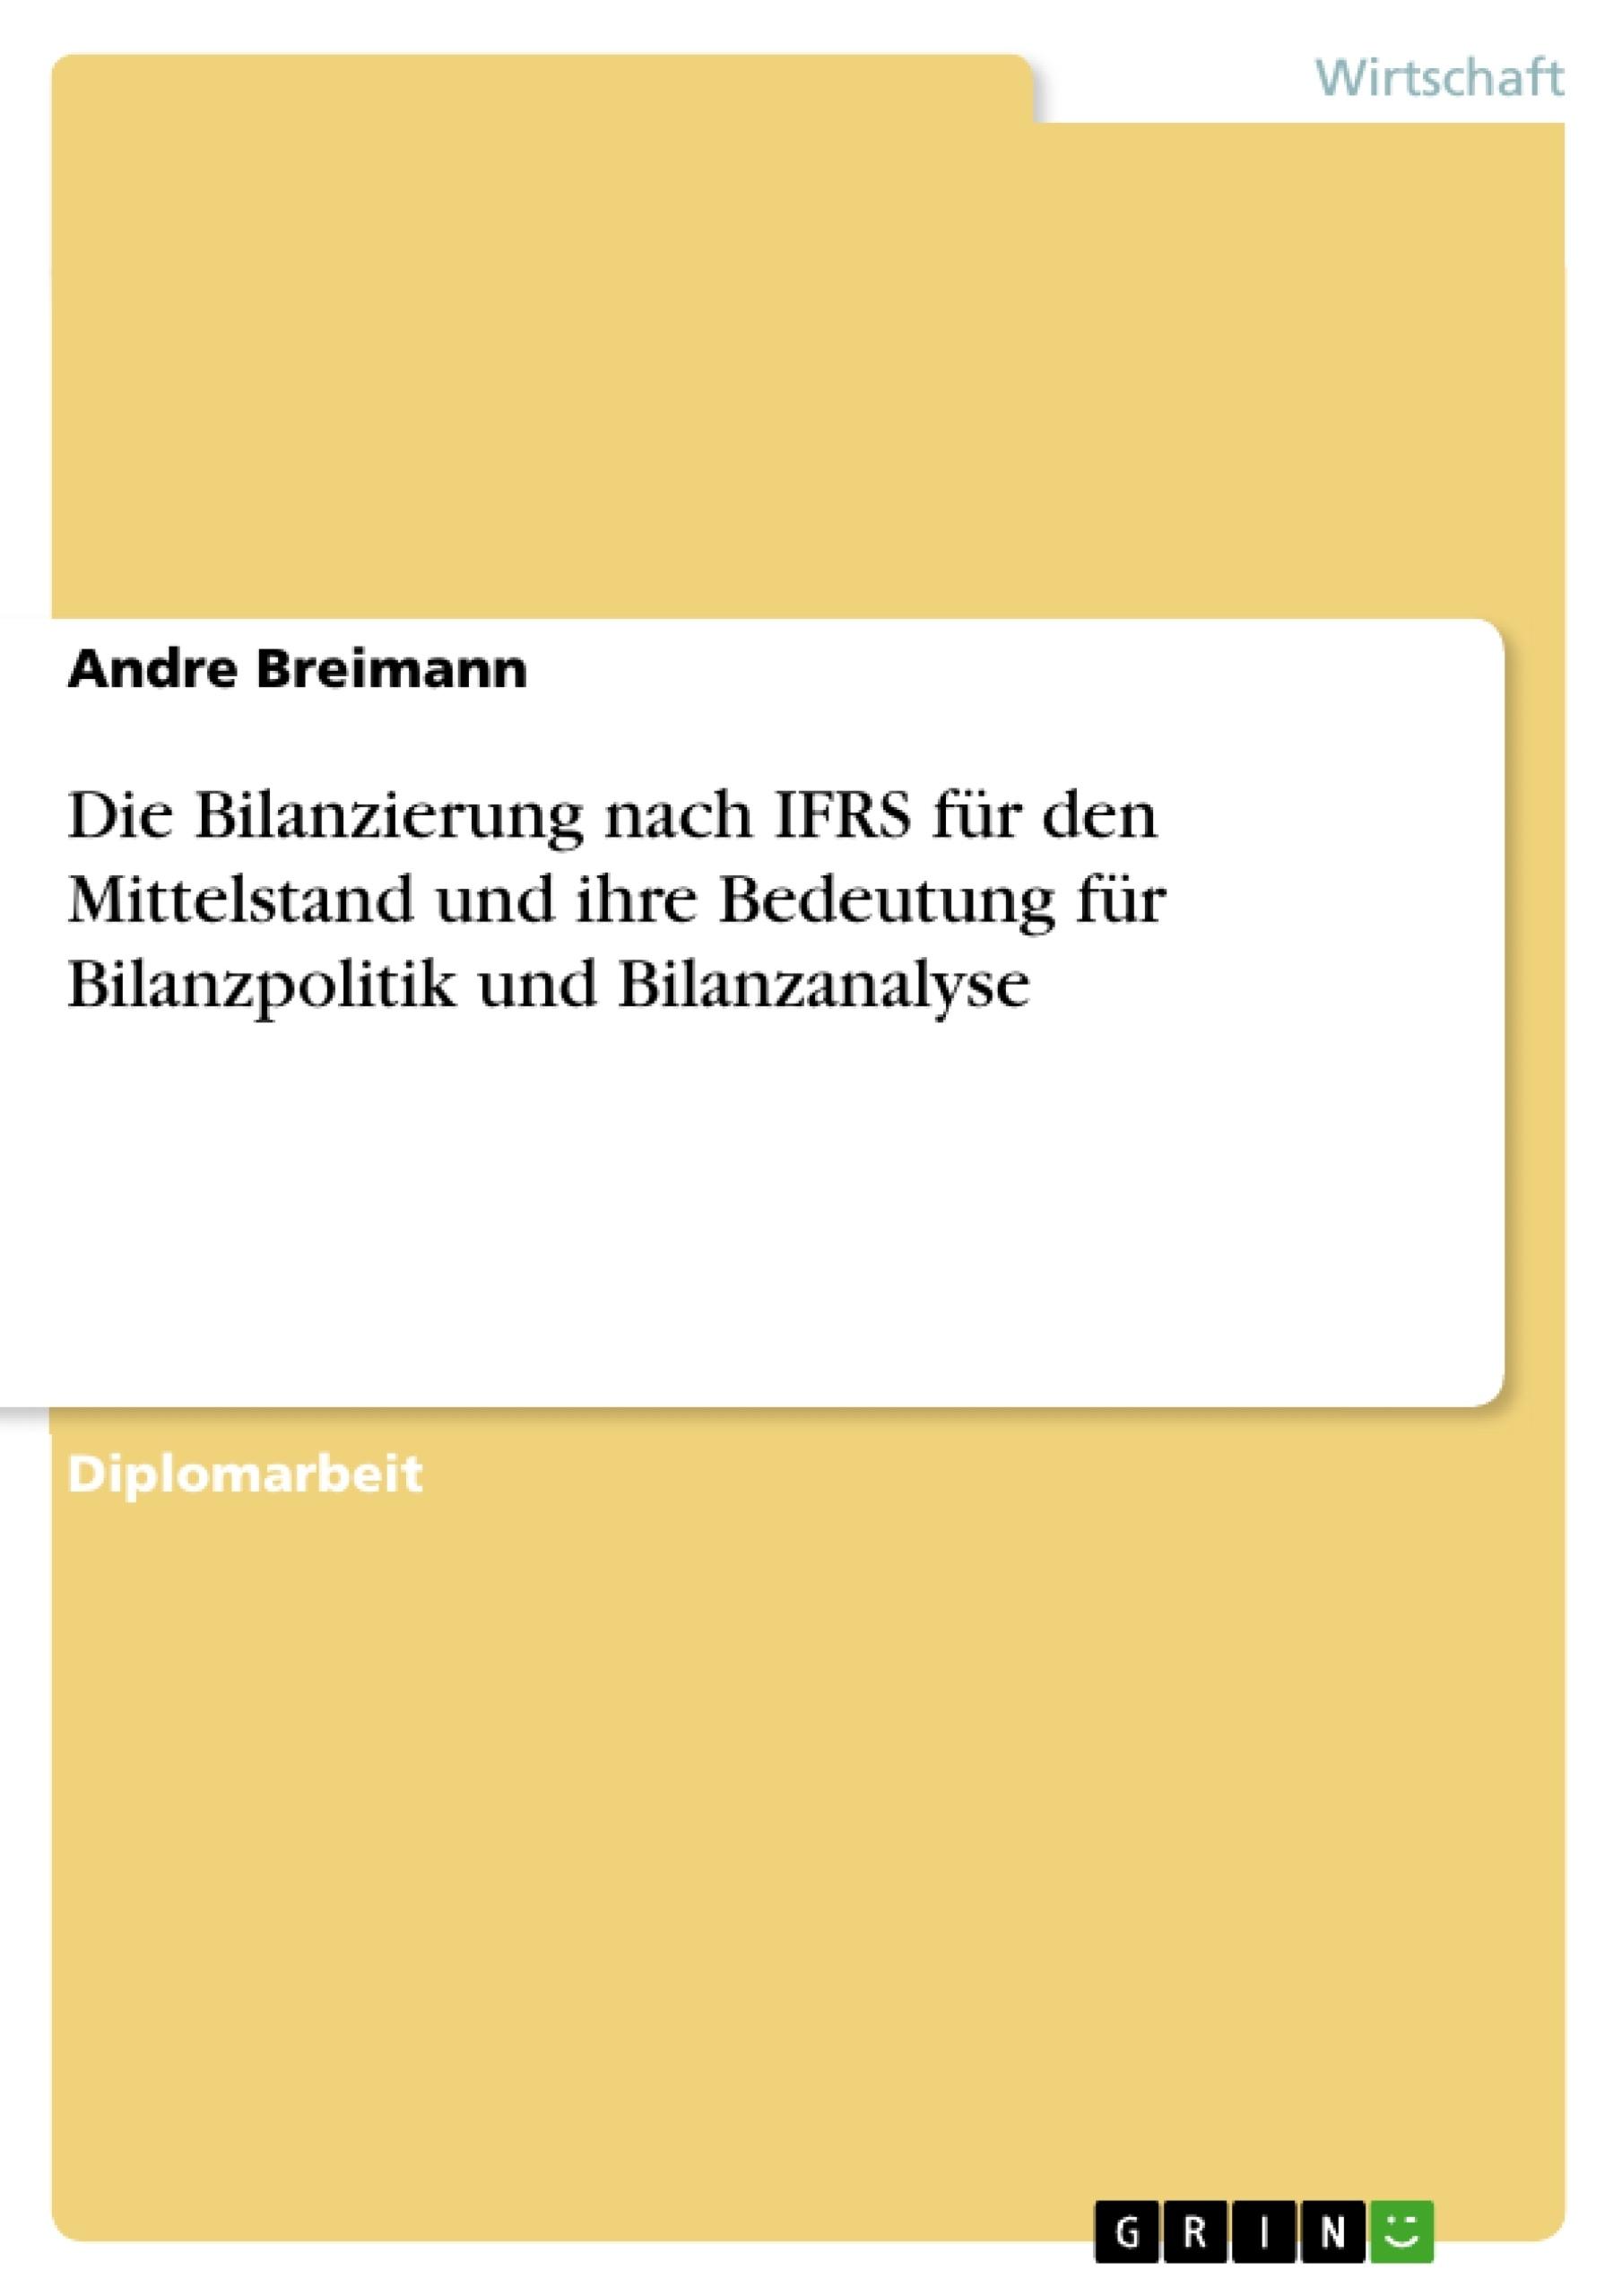 Titel: Die Bilanzierung nach IFRS für den Mittelstand und ihre Bedeutung für Bilanzpolitik und Bilanzanalyse